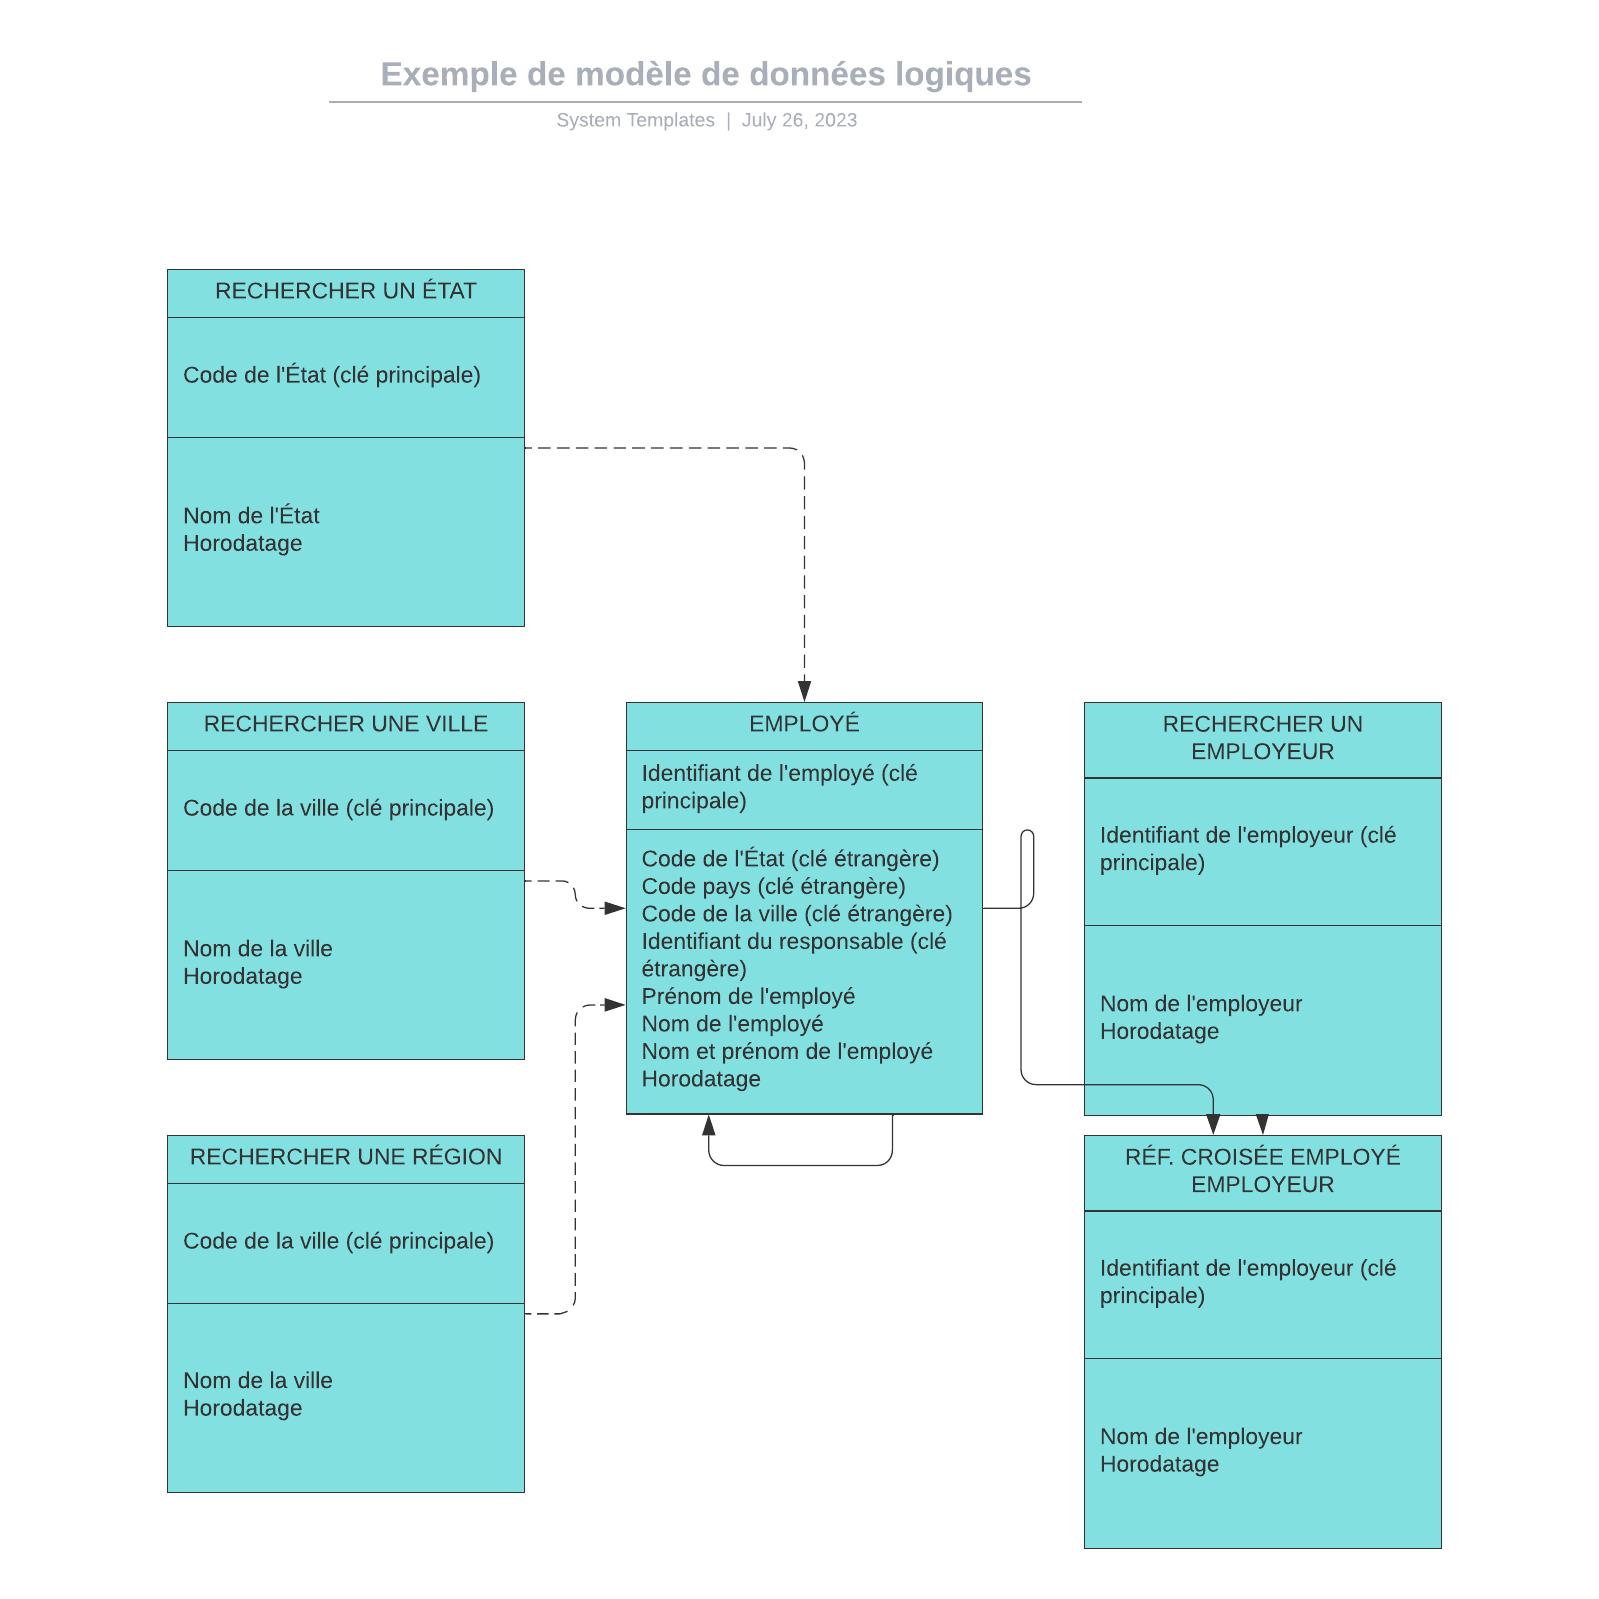 exemple de modèle de données logiques